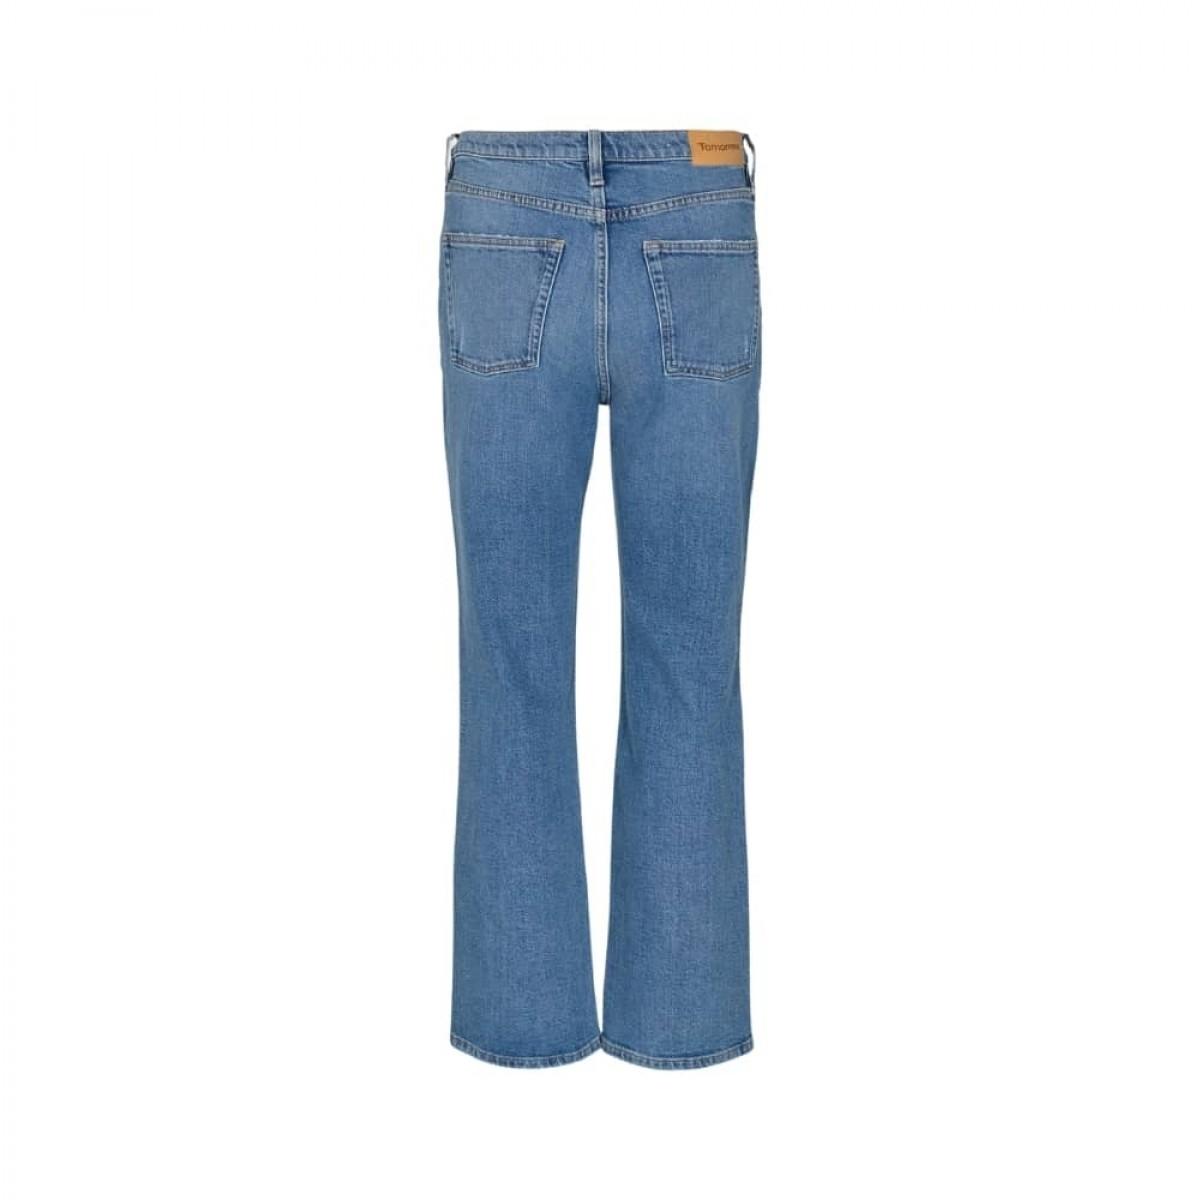 marston jeans - wash kairo - bagfra